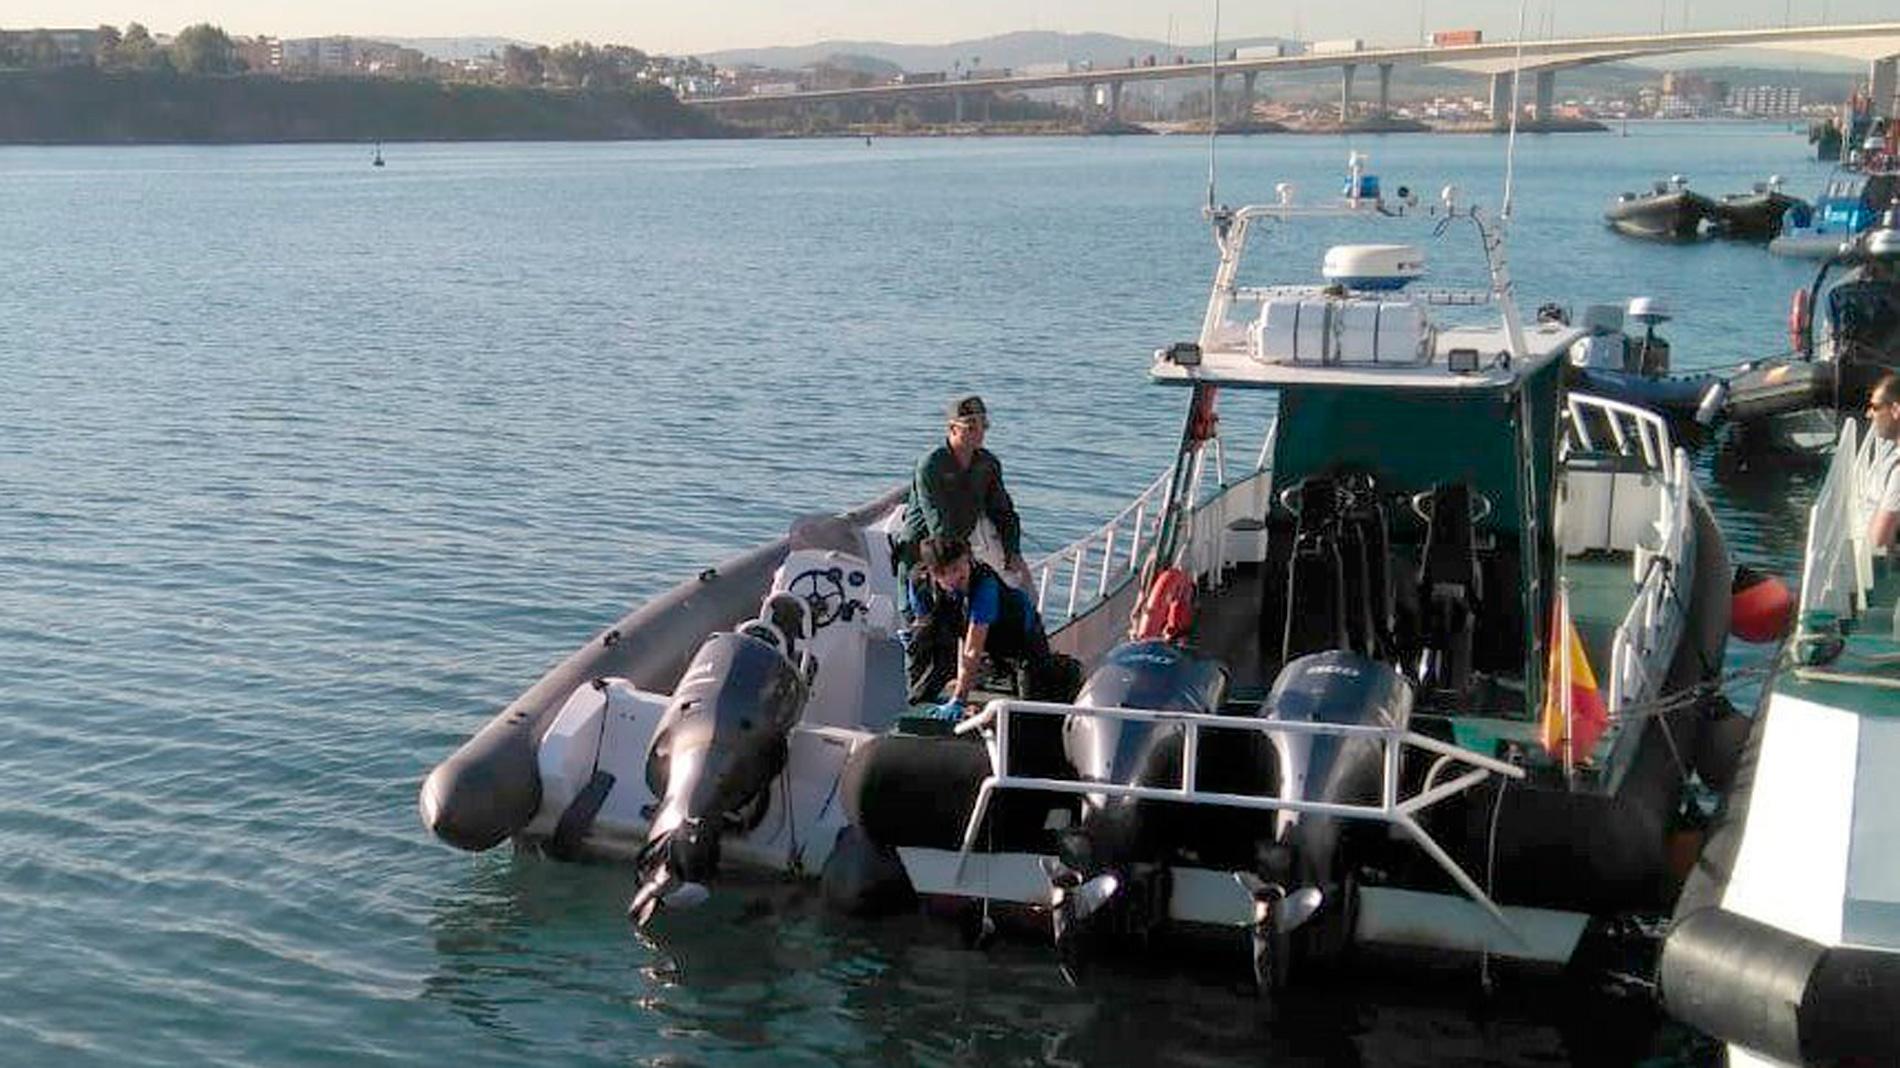 Un ni o muere en algeciras al ser arrollada su embarcaci n - Cristalerias en algeciras ...